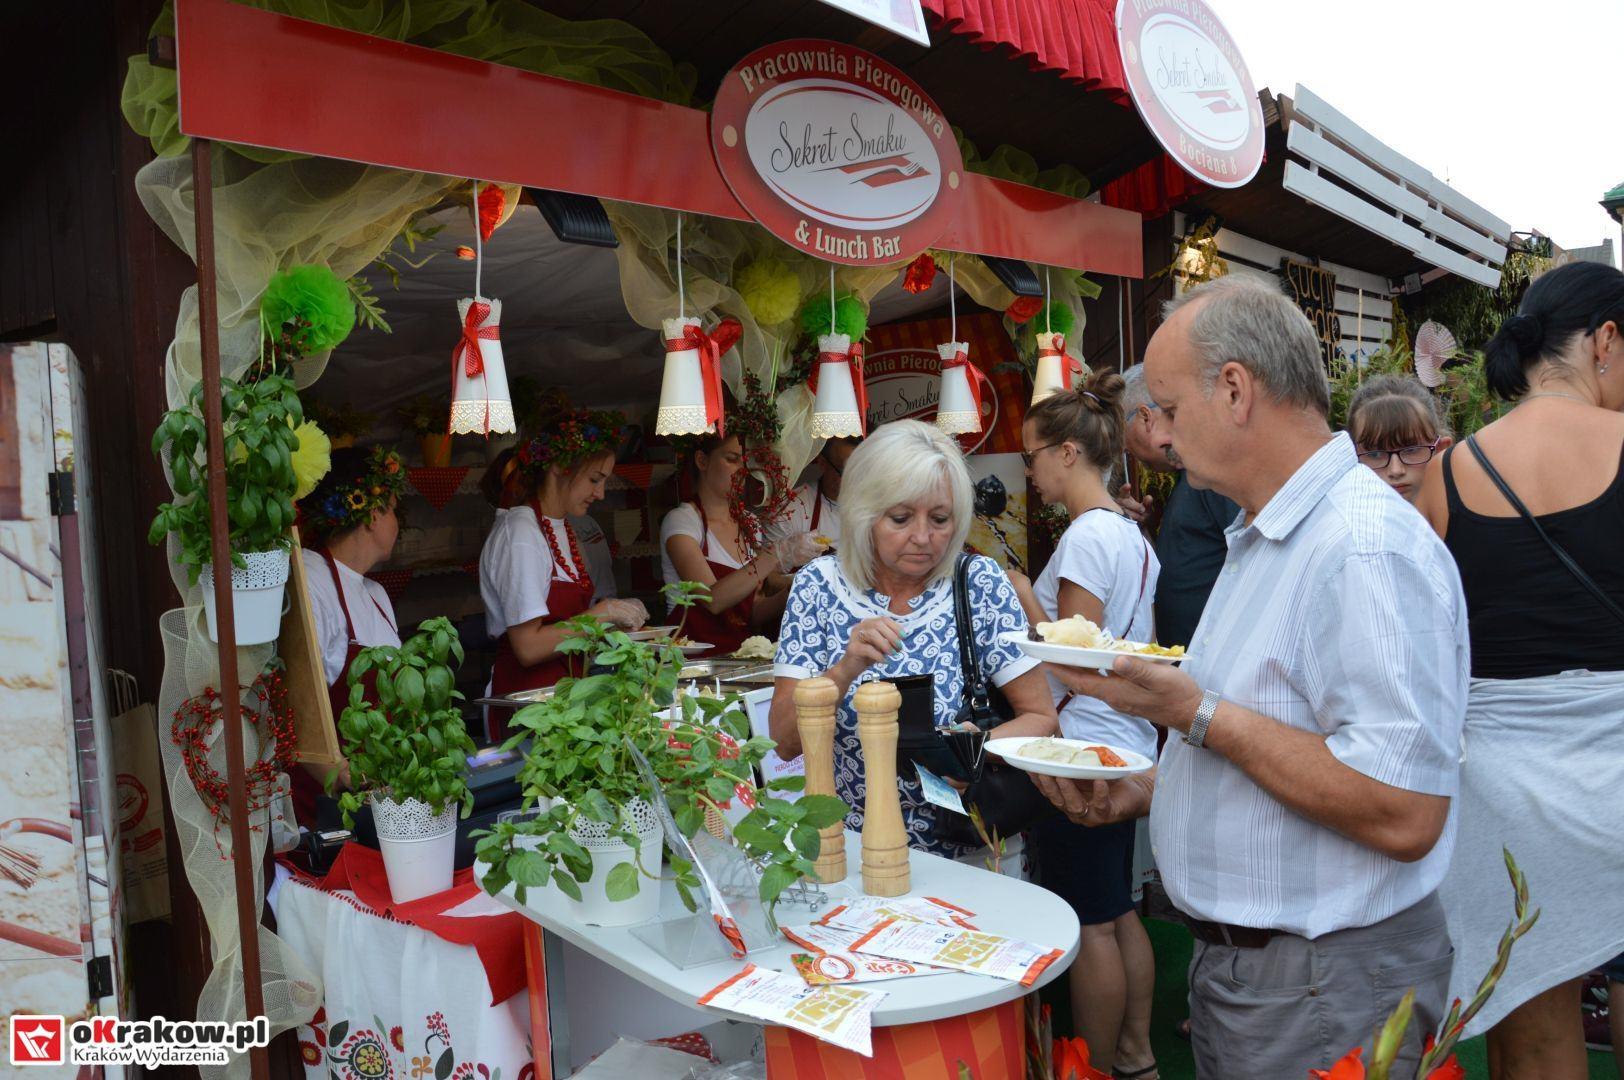 krakow festiwal pierogow maly rynek koncert cheap tobacco 12 150x150 - Galeria zdjęć Festiwal Pierogów Kraków 2018 + zdjęcia z koncertu Cheap Tobacco